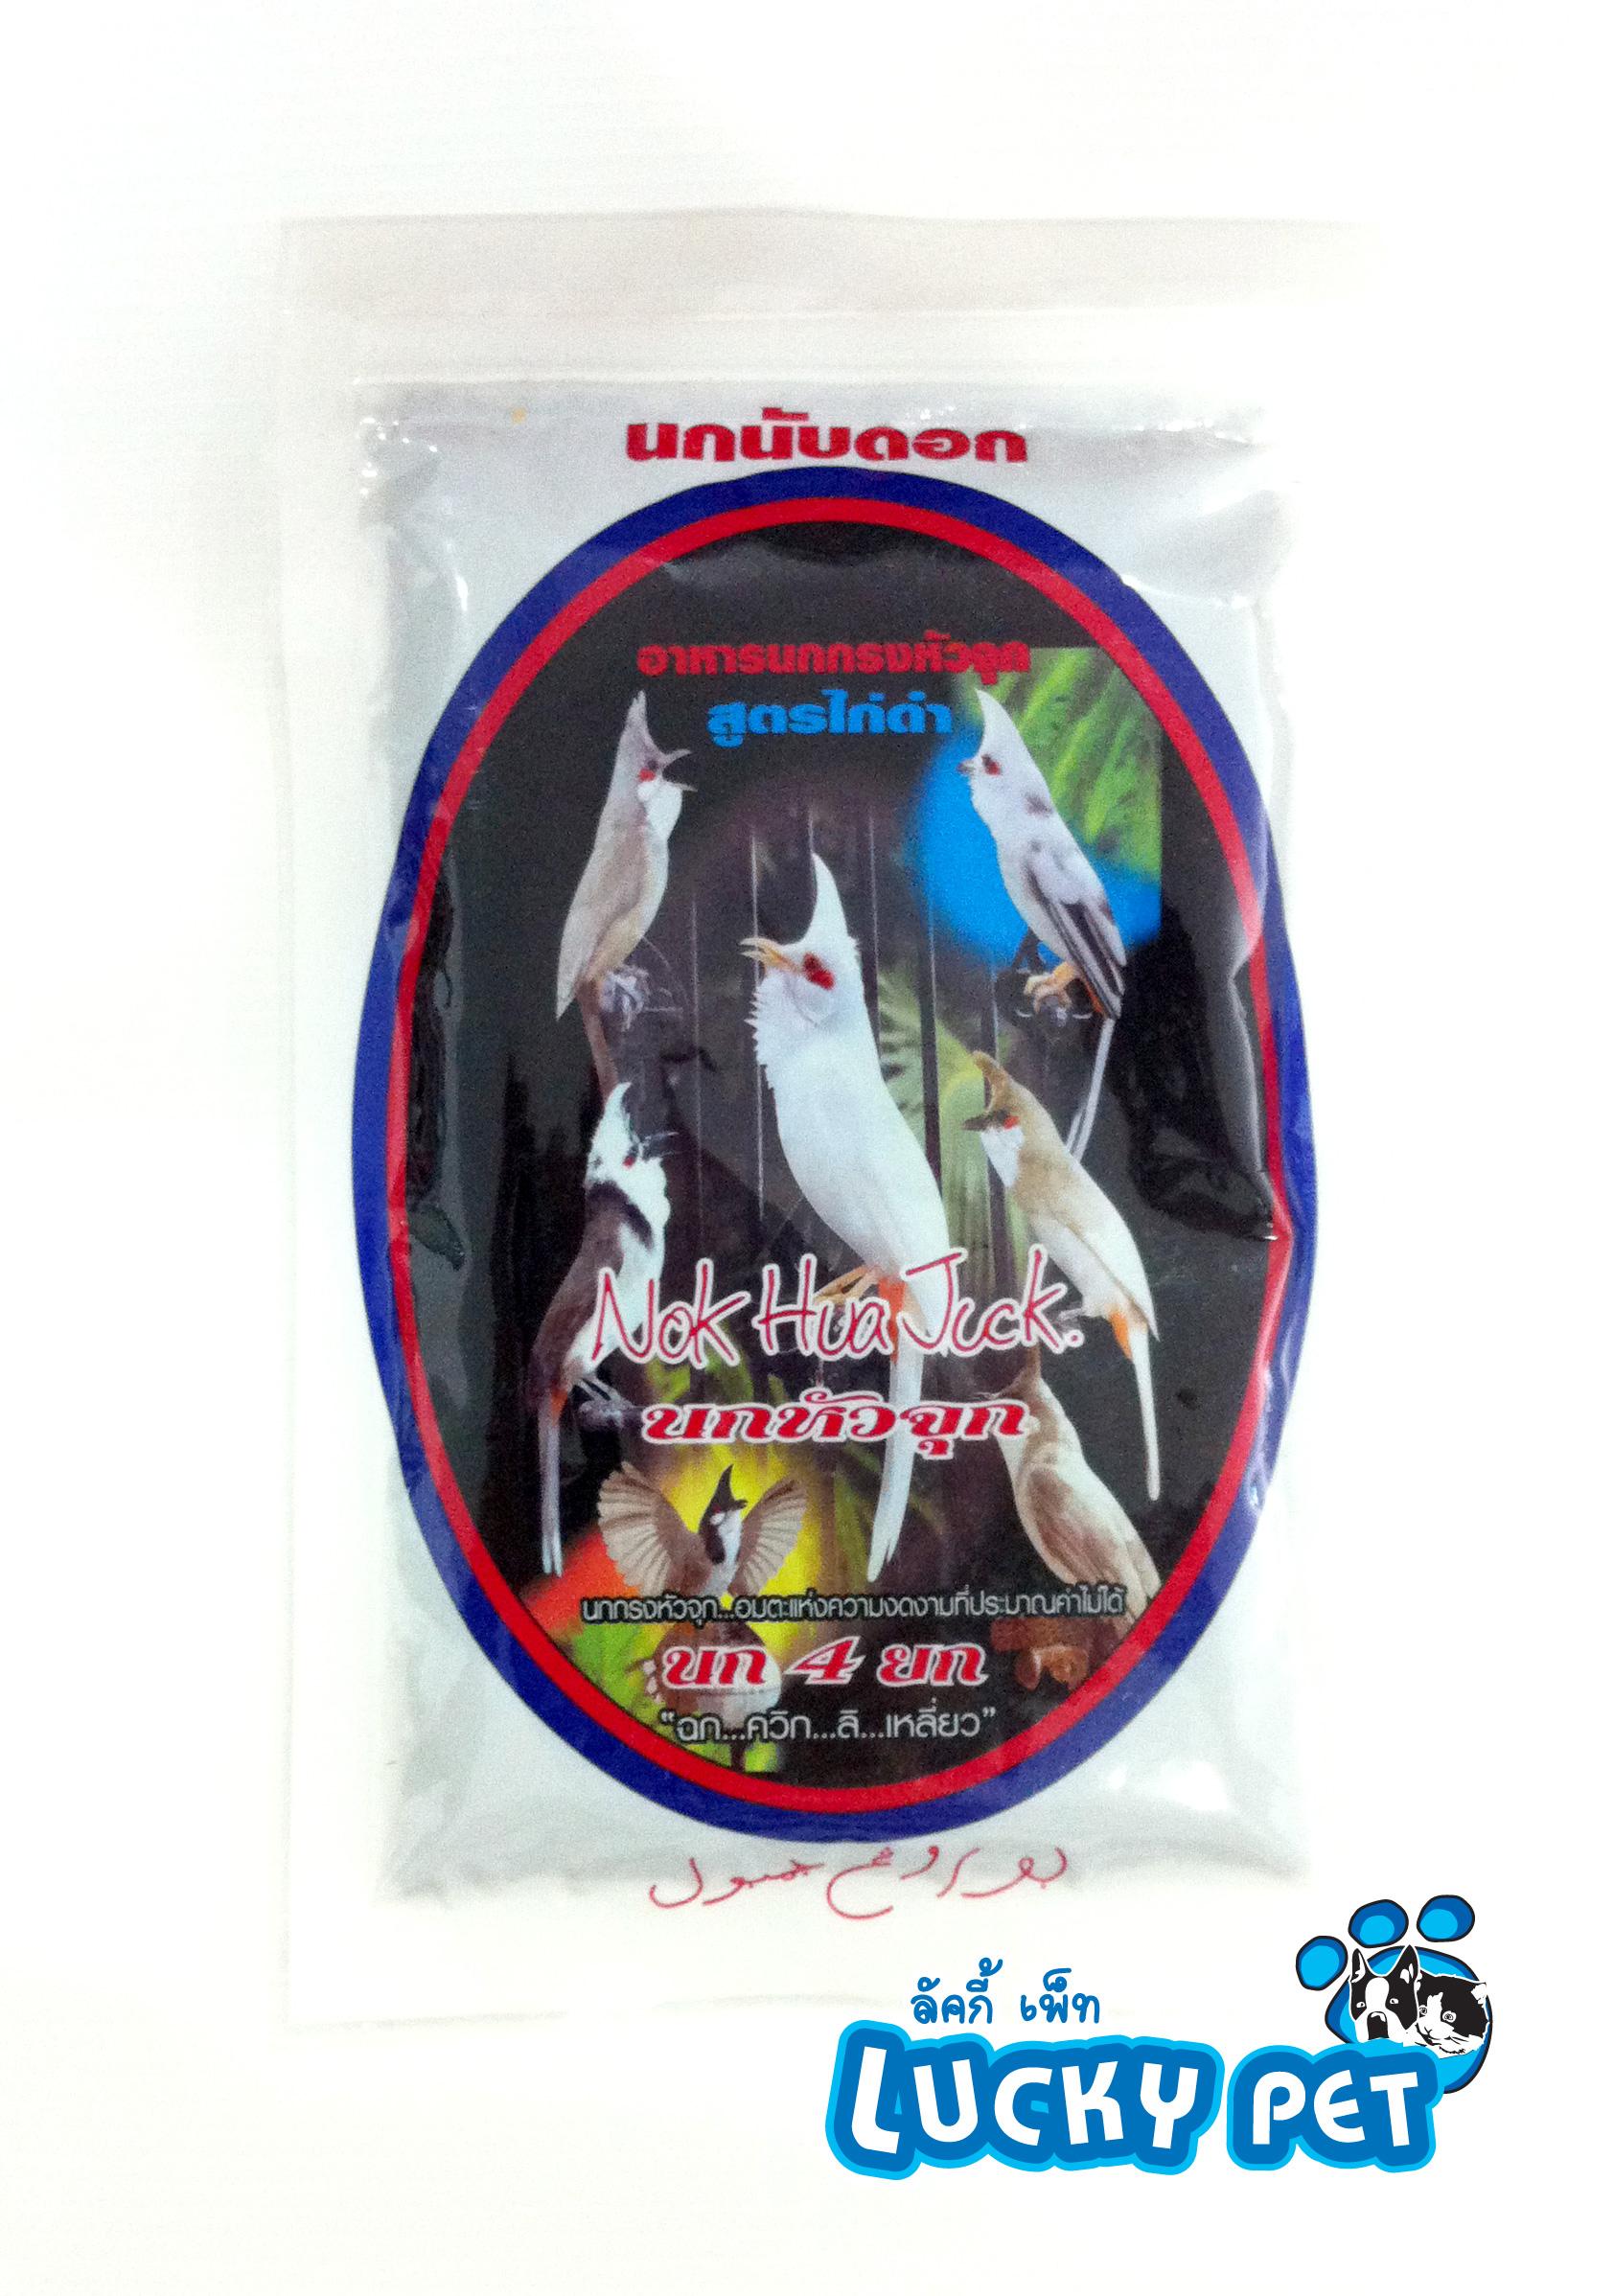 อาหารนกกรงหัวจุกสูตร ไก่ดำสั่งซื้อ 1 โหล 410 บาท พิเศษ!!!! สั่งซื้อ 1 ลัง / 100 ซอง 3,200 บาท